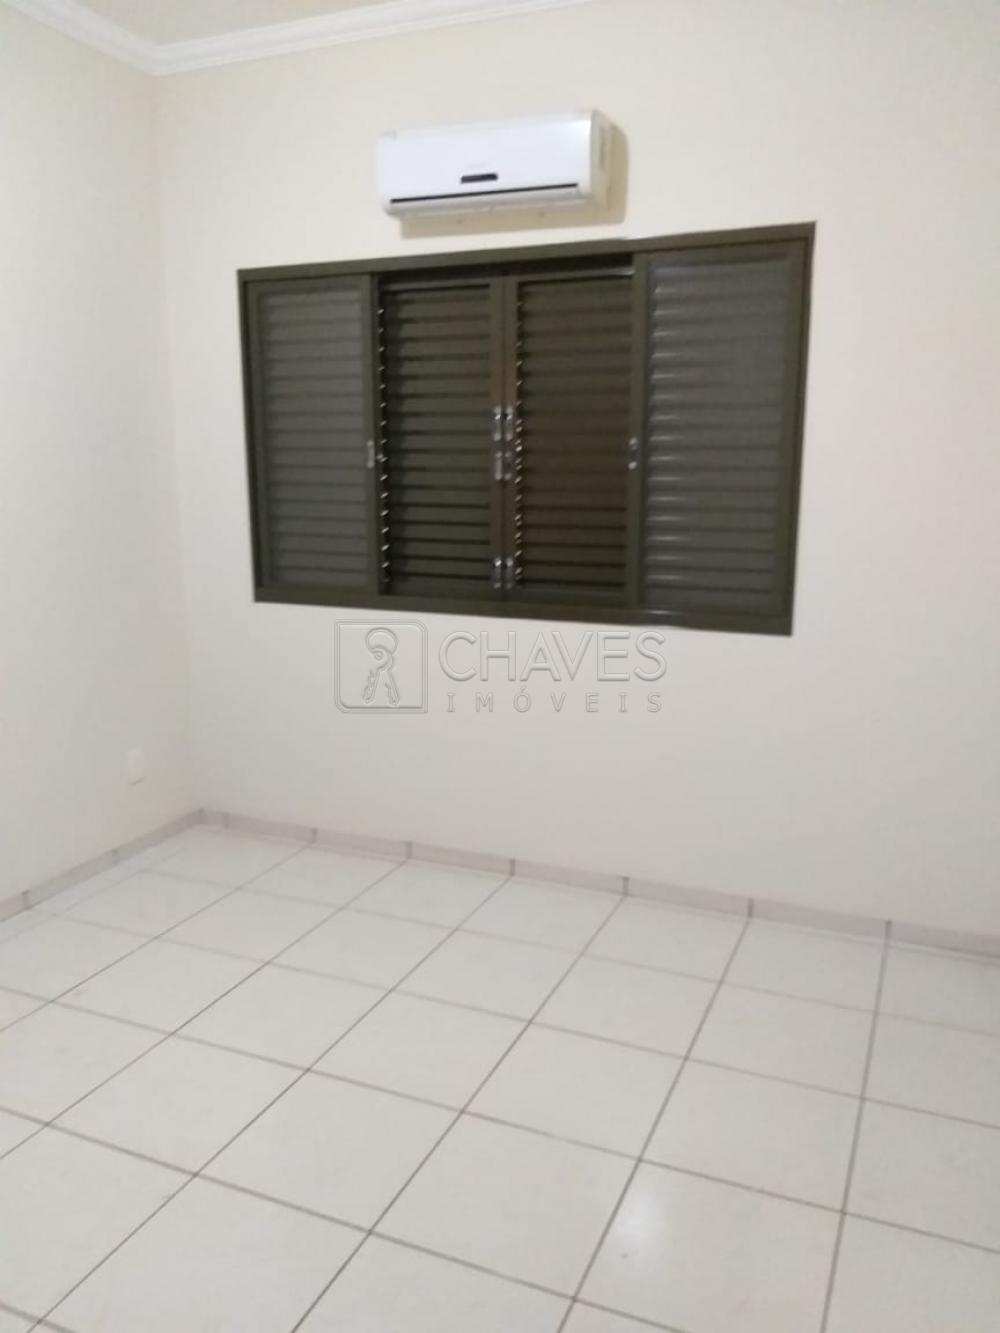 Comprar Casa / Condomínio em Bonfim Paulista apenas R$ 550.000,00 - Foto 9